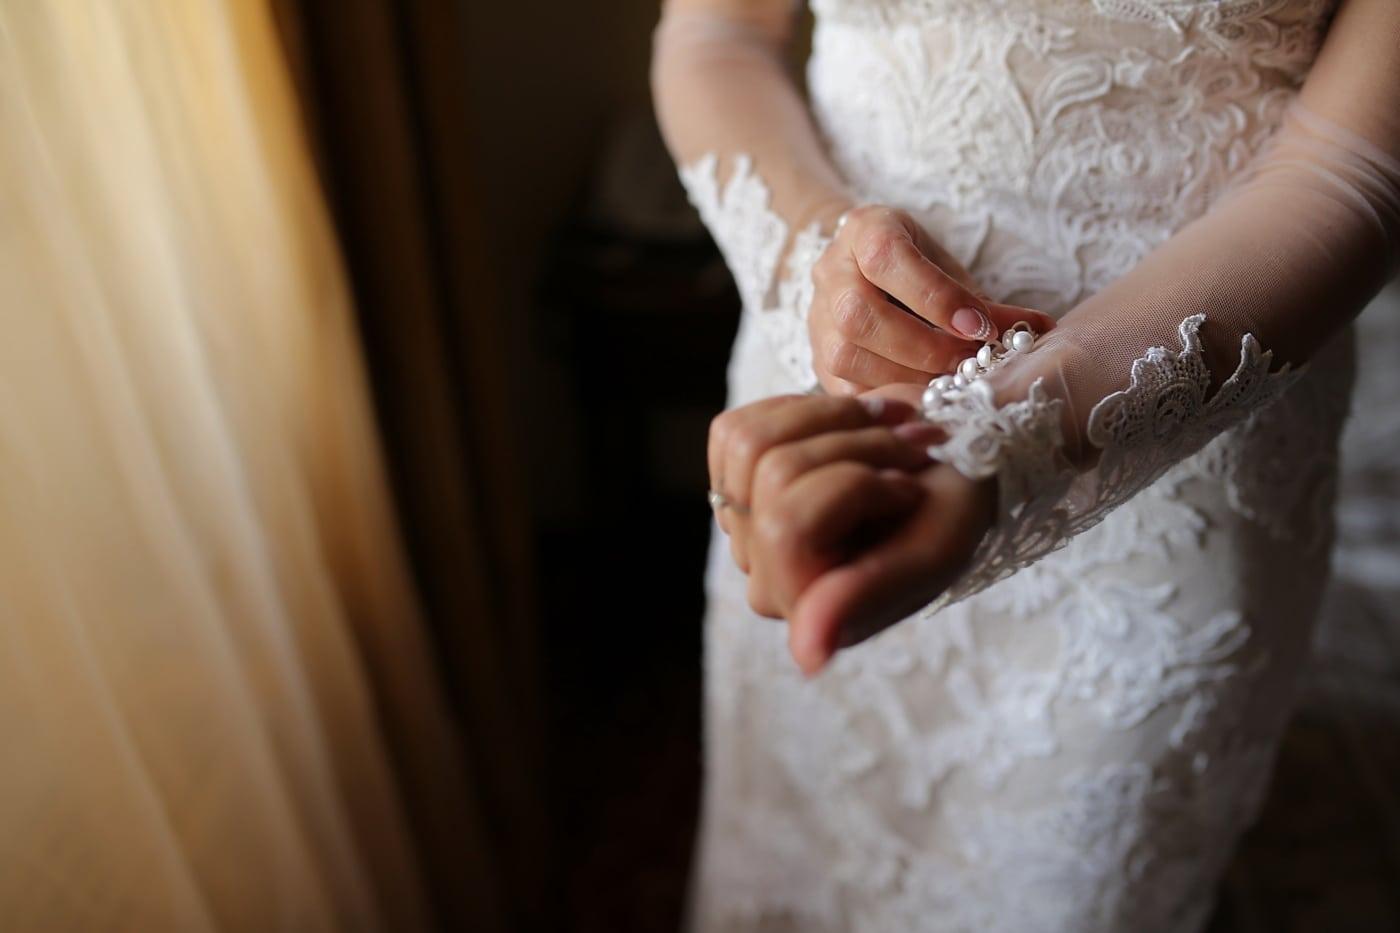 mains, la mariée, Touch, robe de mariée, charme, mariage, femme, à l'intérieur, engagement, aube